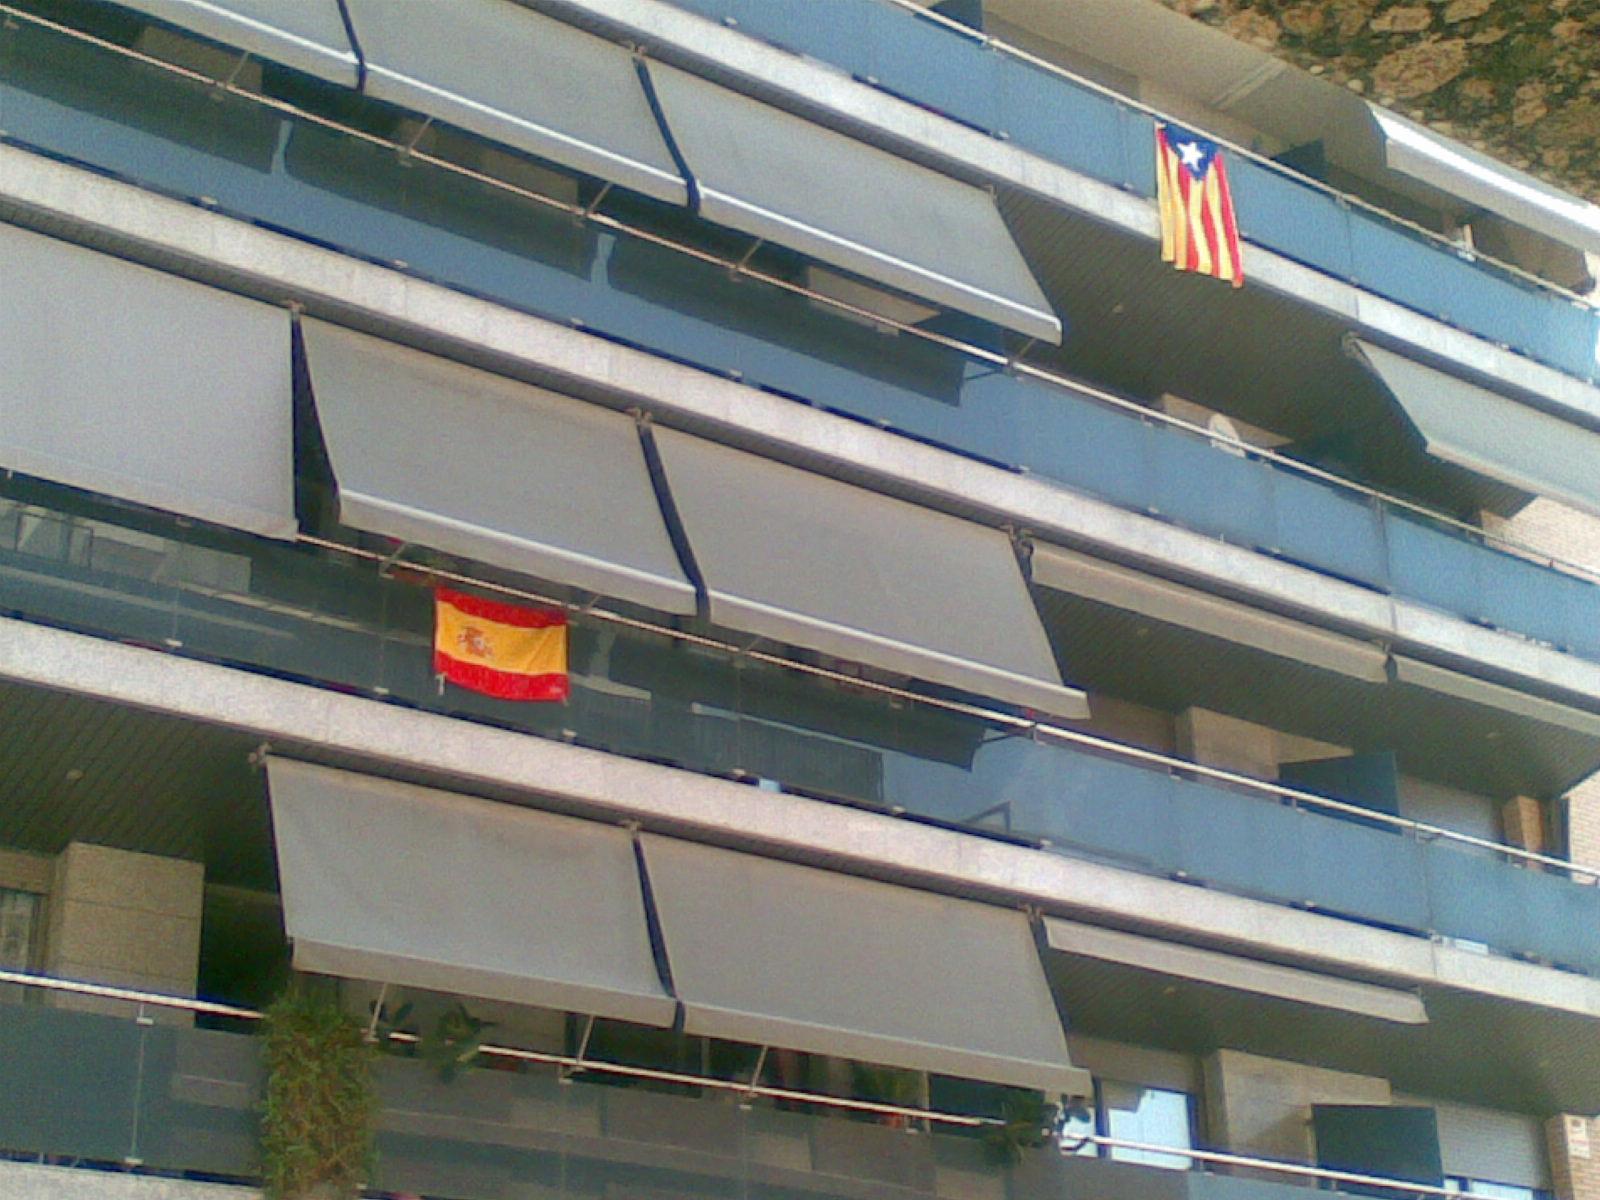 Banderas de distinto signo ideológico en una misma fachada